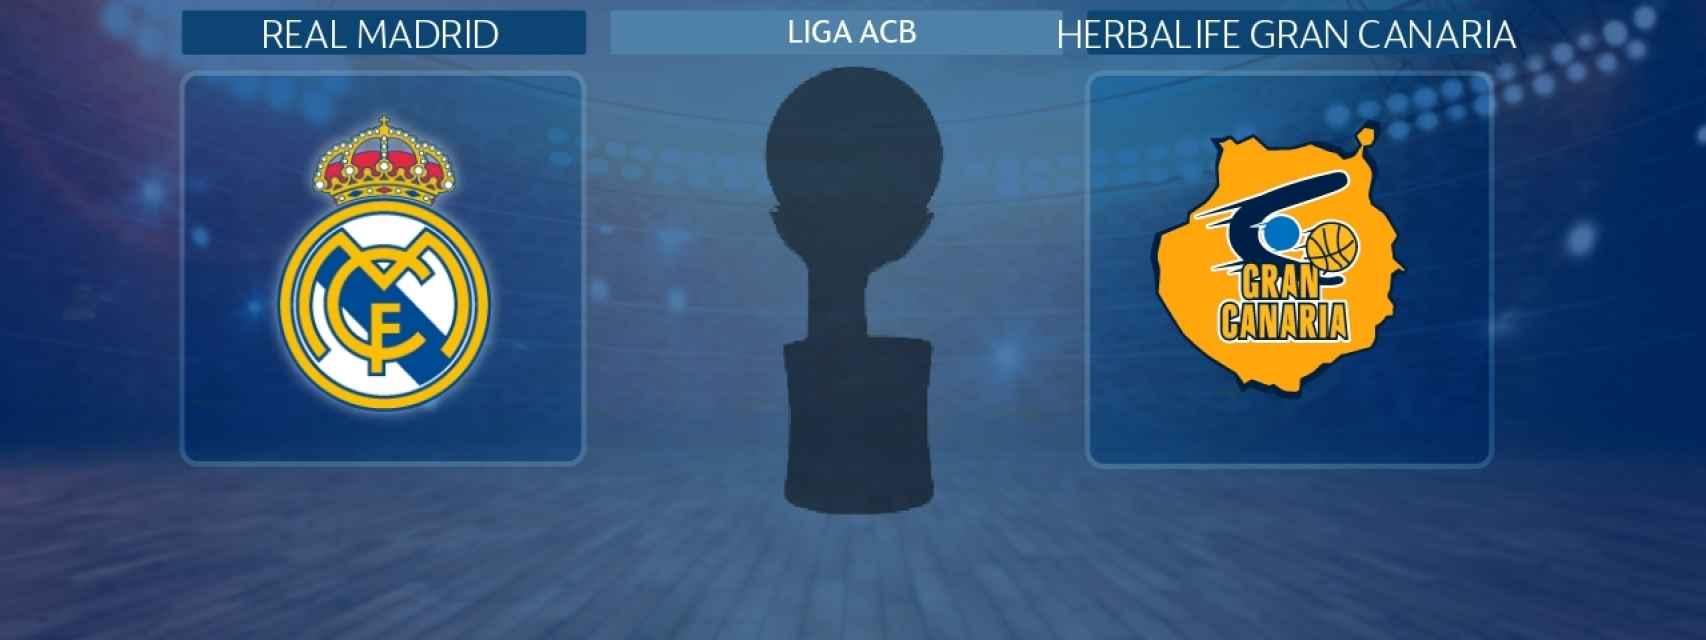 Real Madrid - Herbalife Gran Canaria, partido de la Liga ACB